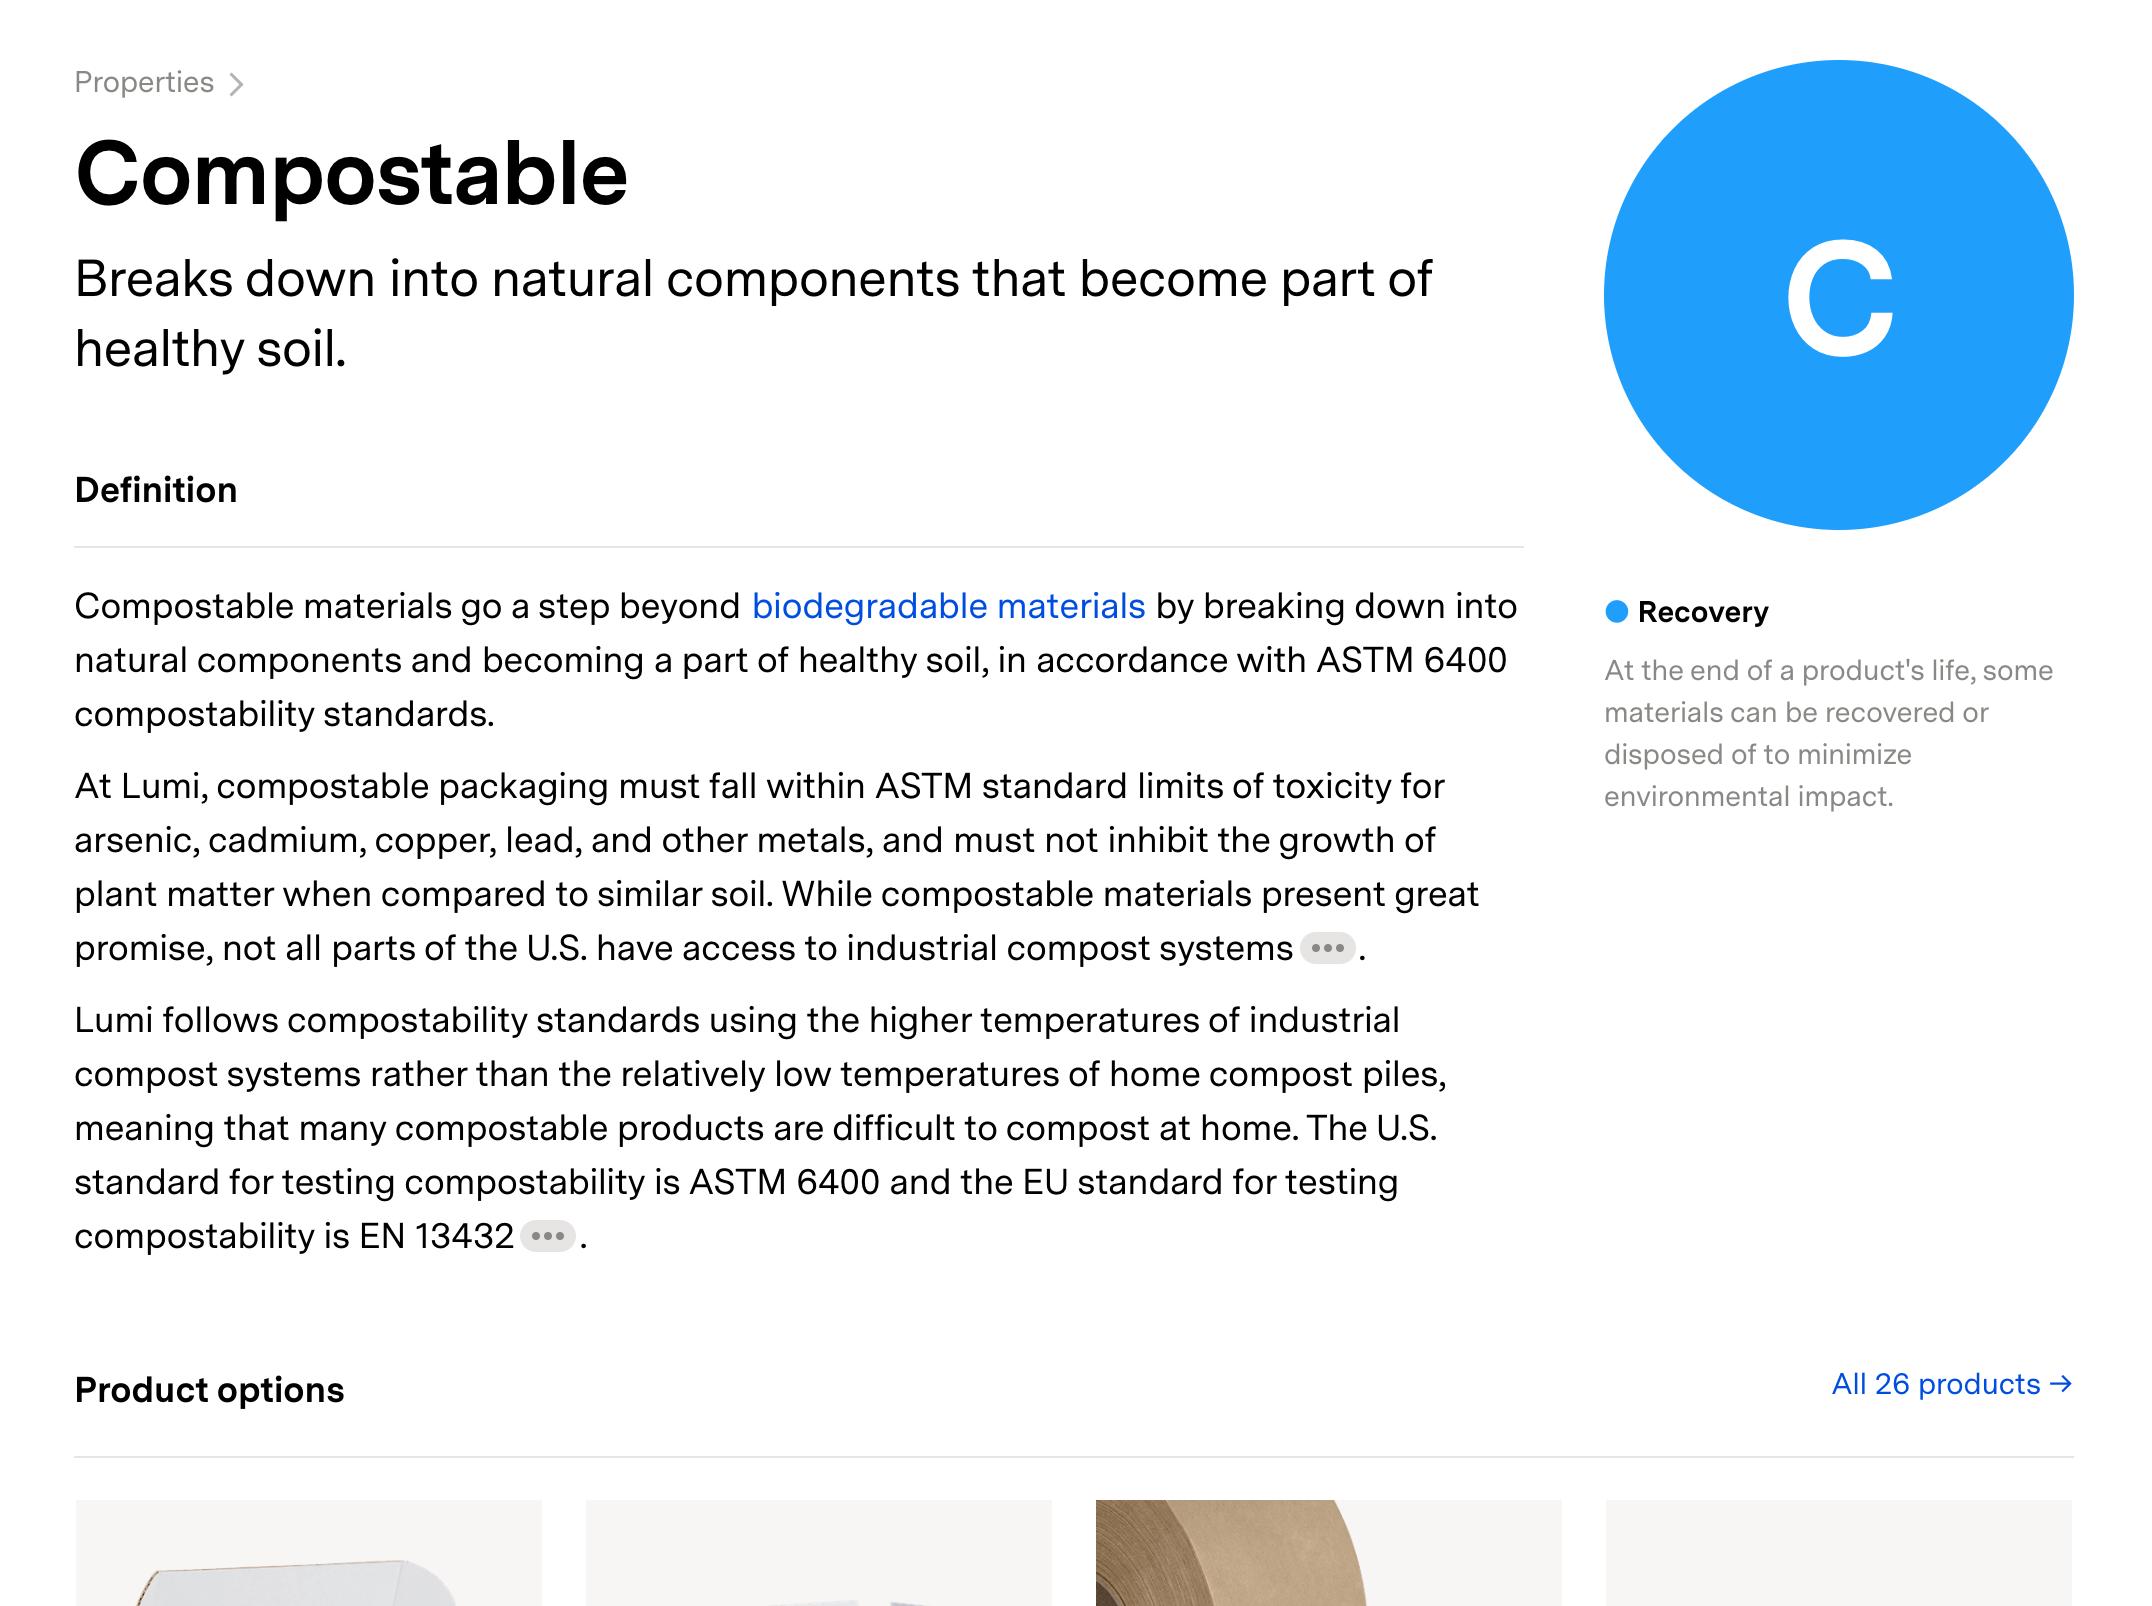 Properties-compostable